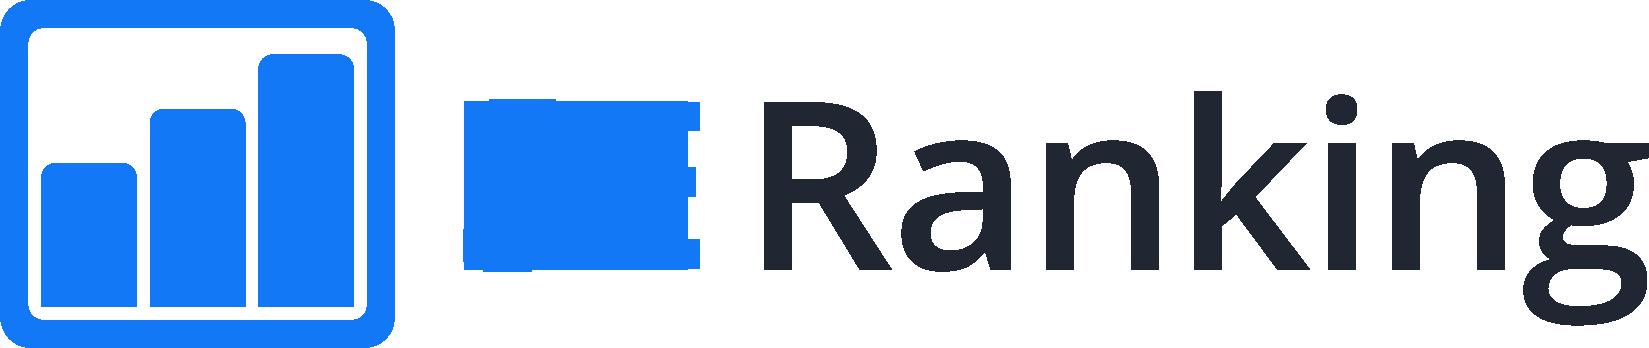 SE Rankin